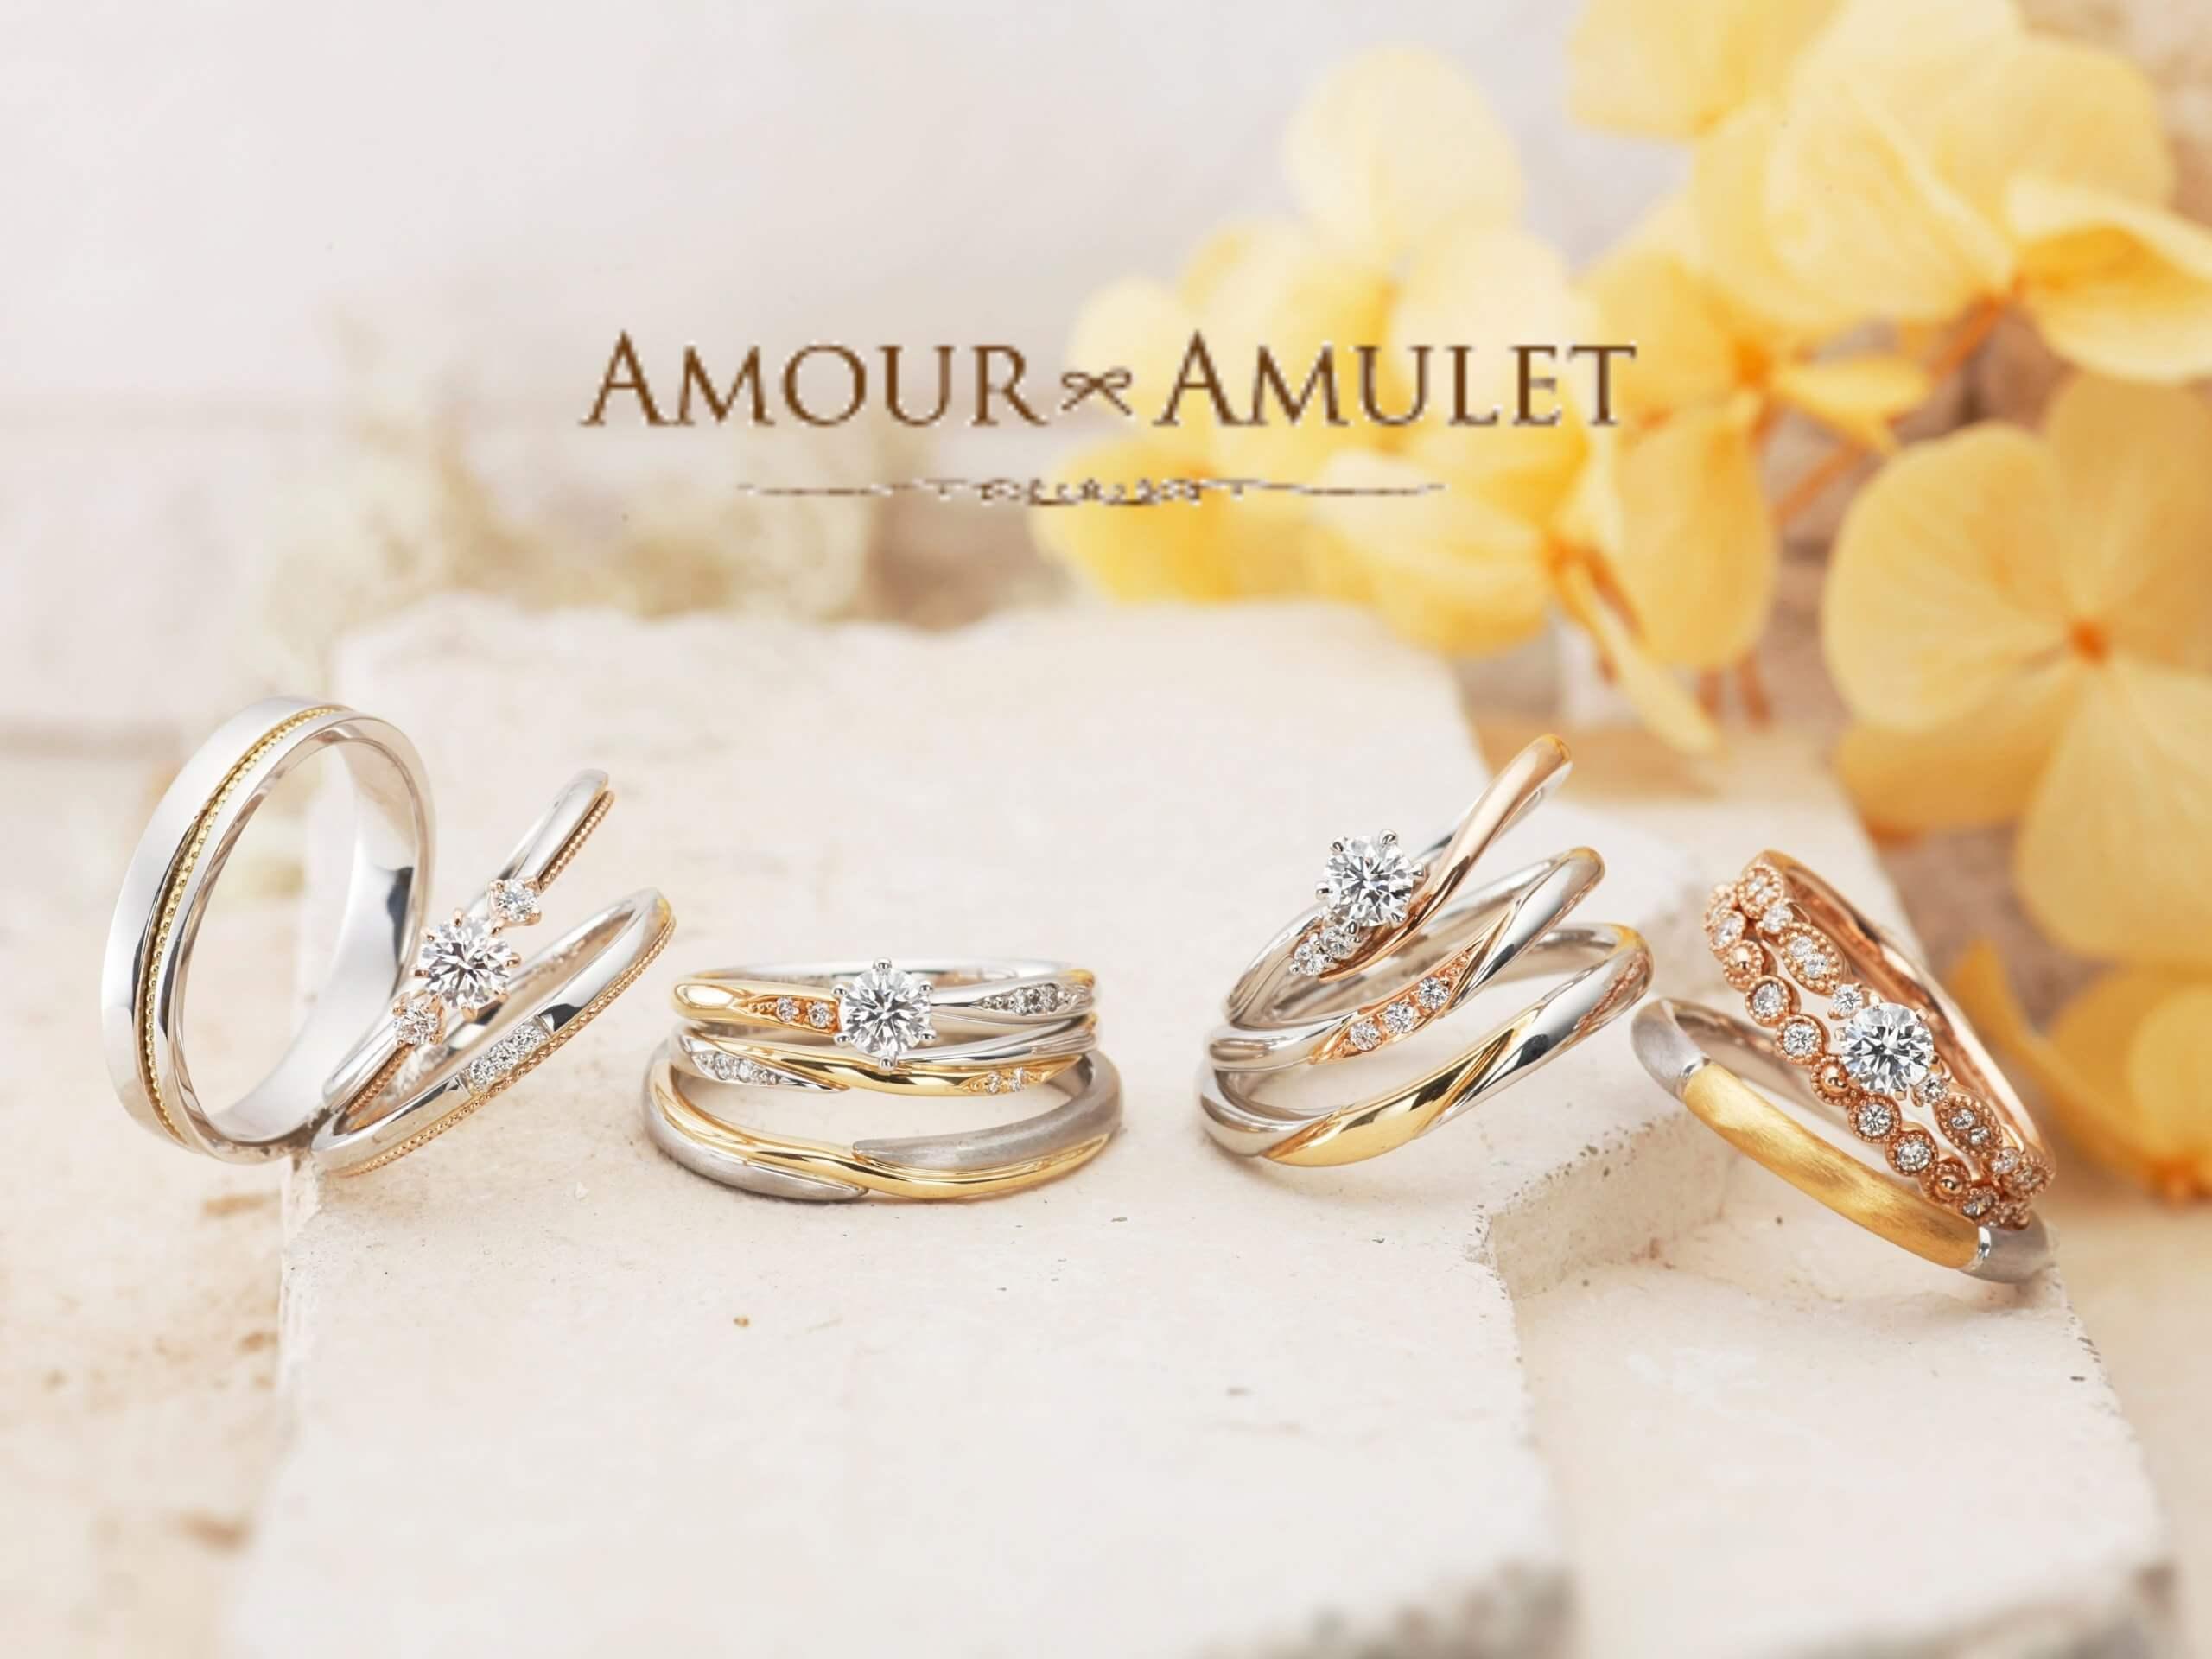 アムールアミュレット結婚指輪